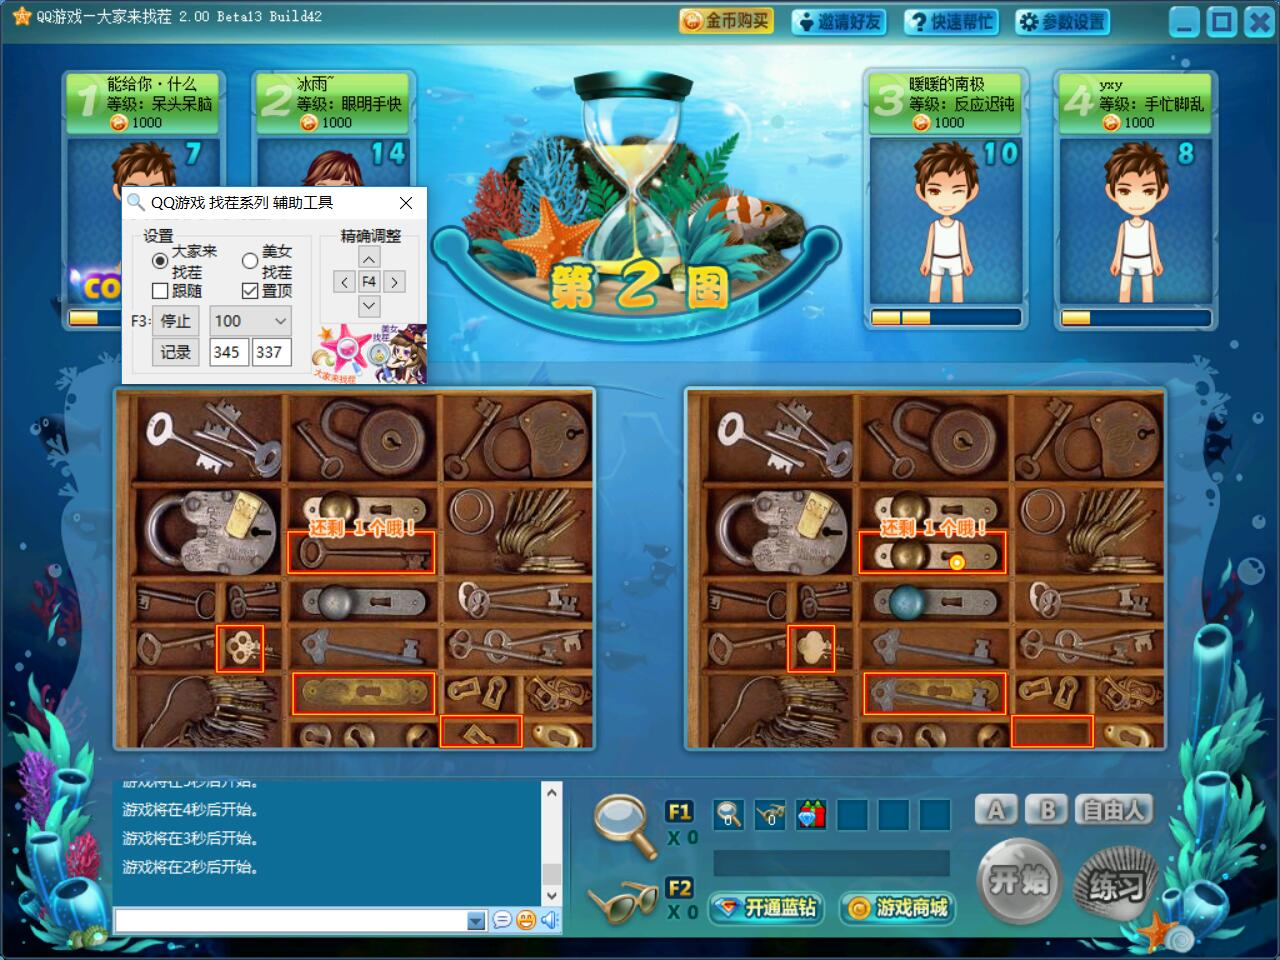 QQ游戏找茬系列辅助源码+带成品